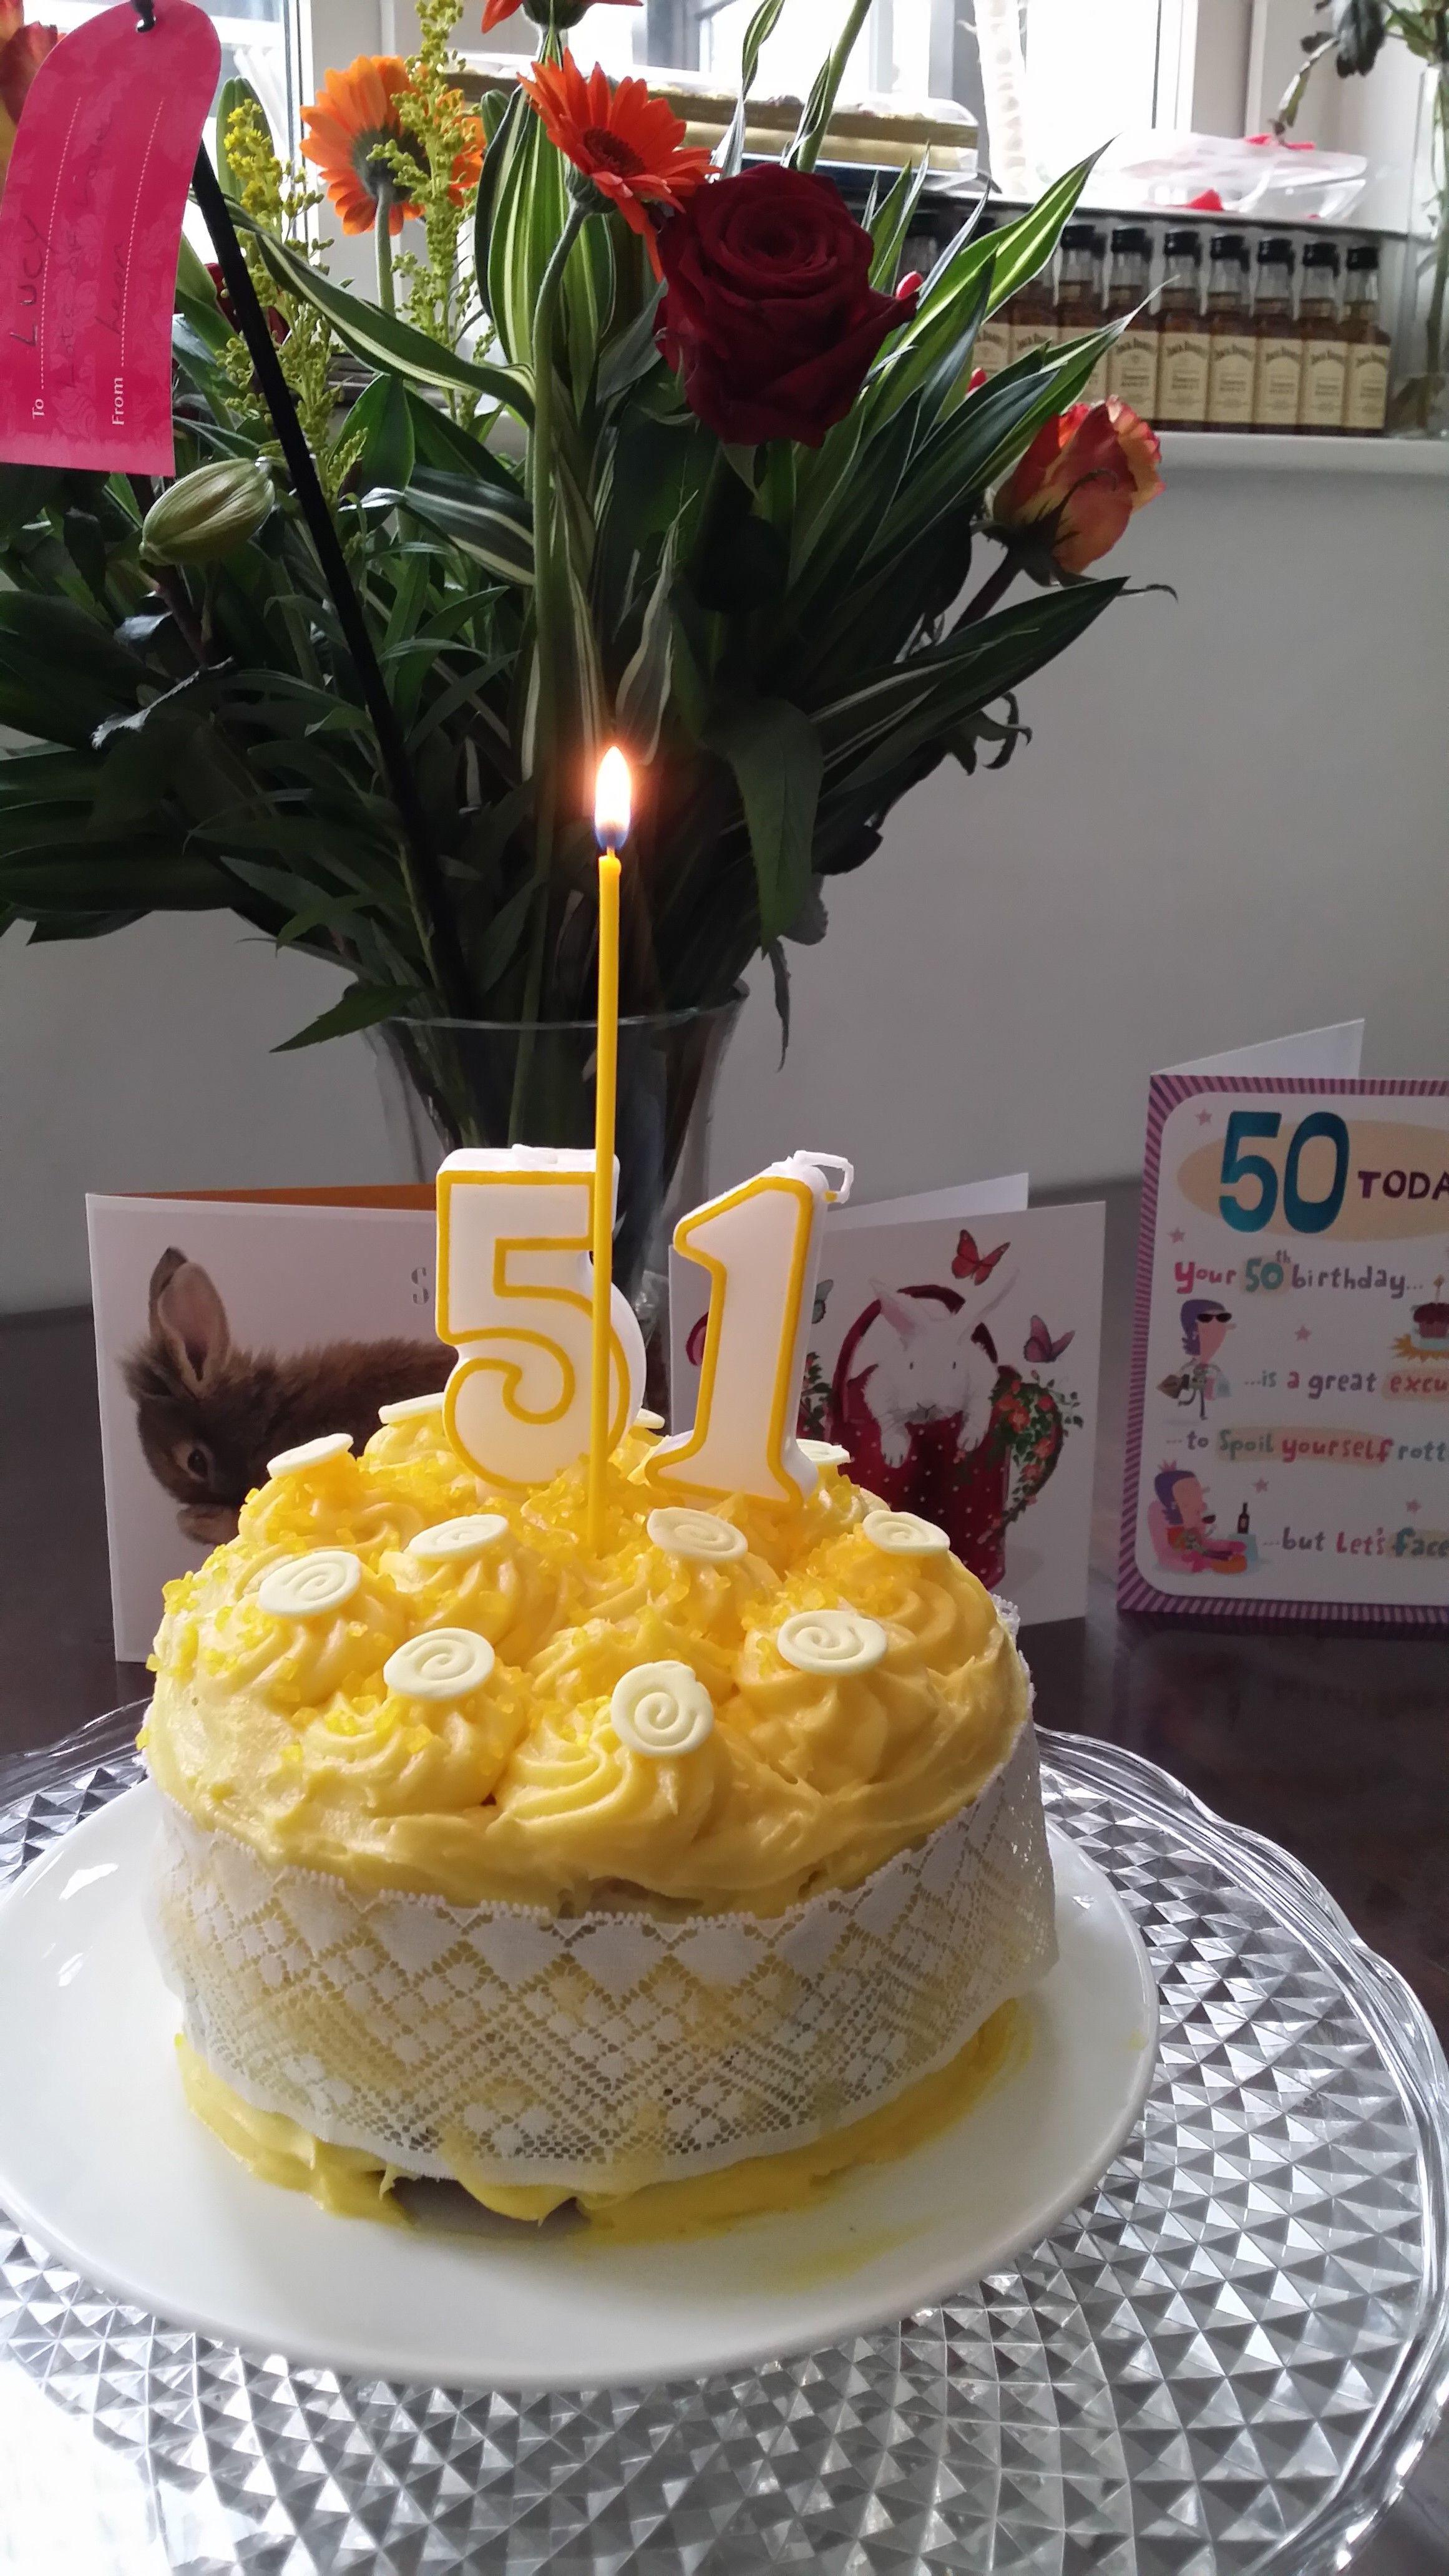 Fantastic 51 Birthday Cake Cake Desserts Birthday Cake Funny Birthday Cards Online Inifofree Goldxyz